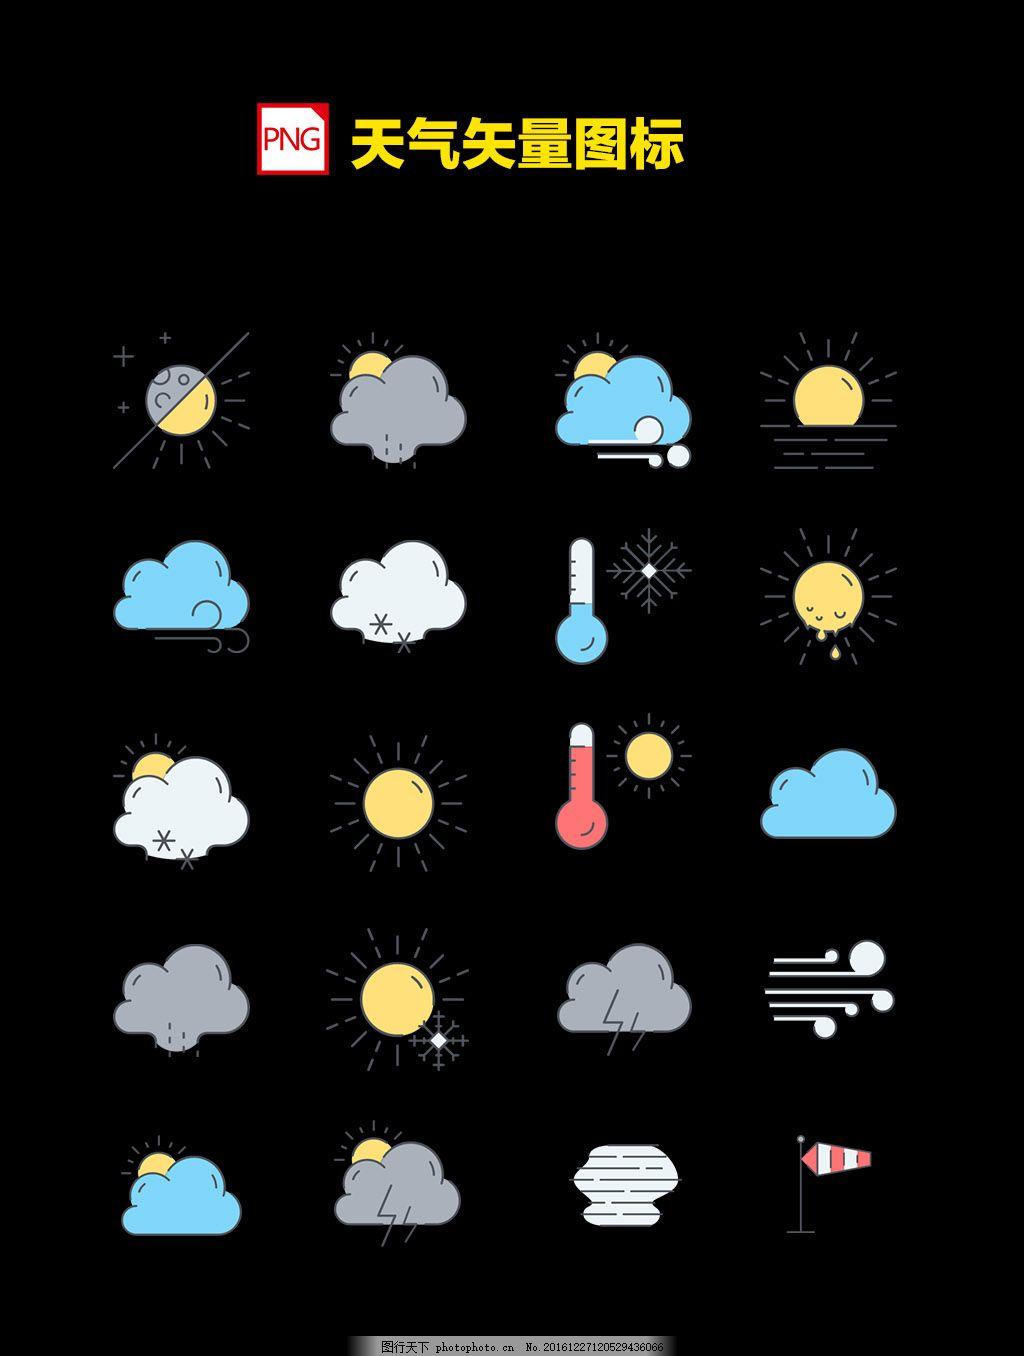 天气图标 天气预告 太阳 线面天气图标 小雨 中雨图标 大雨 大